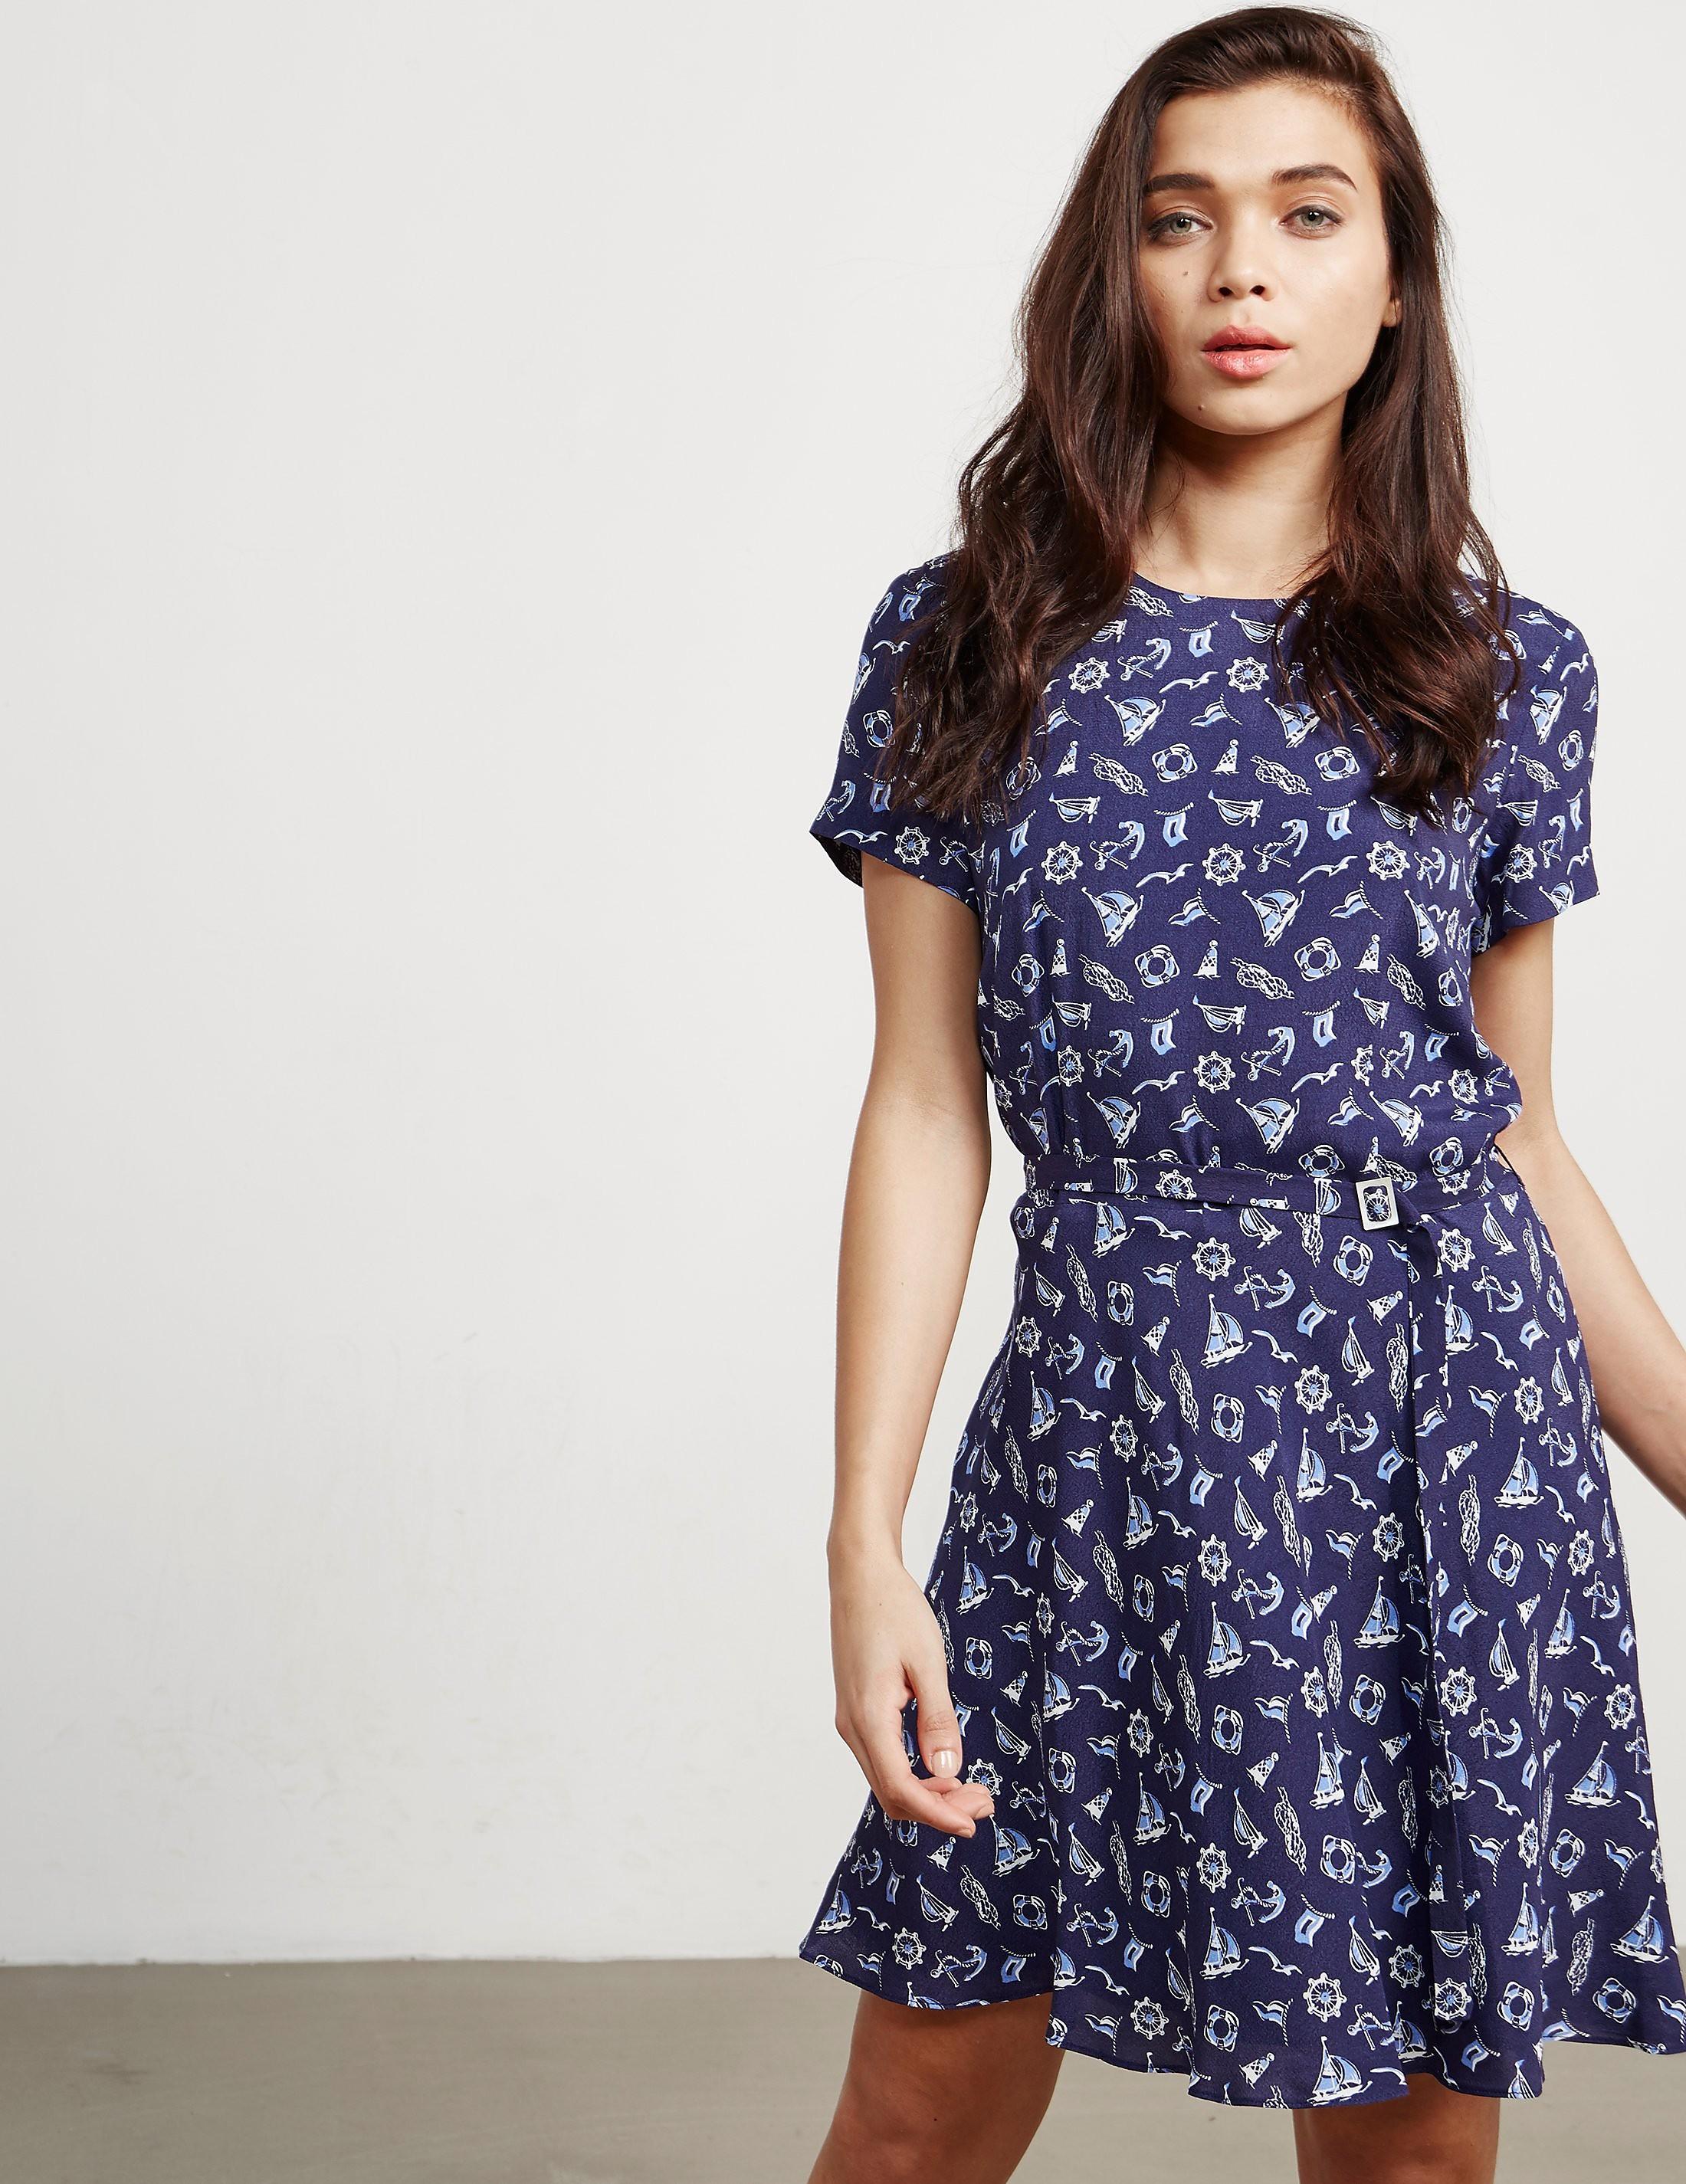 Polo Ralph Lauren Casy Dress